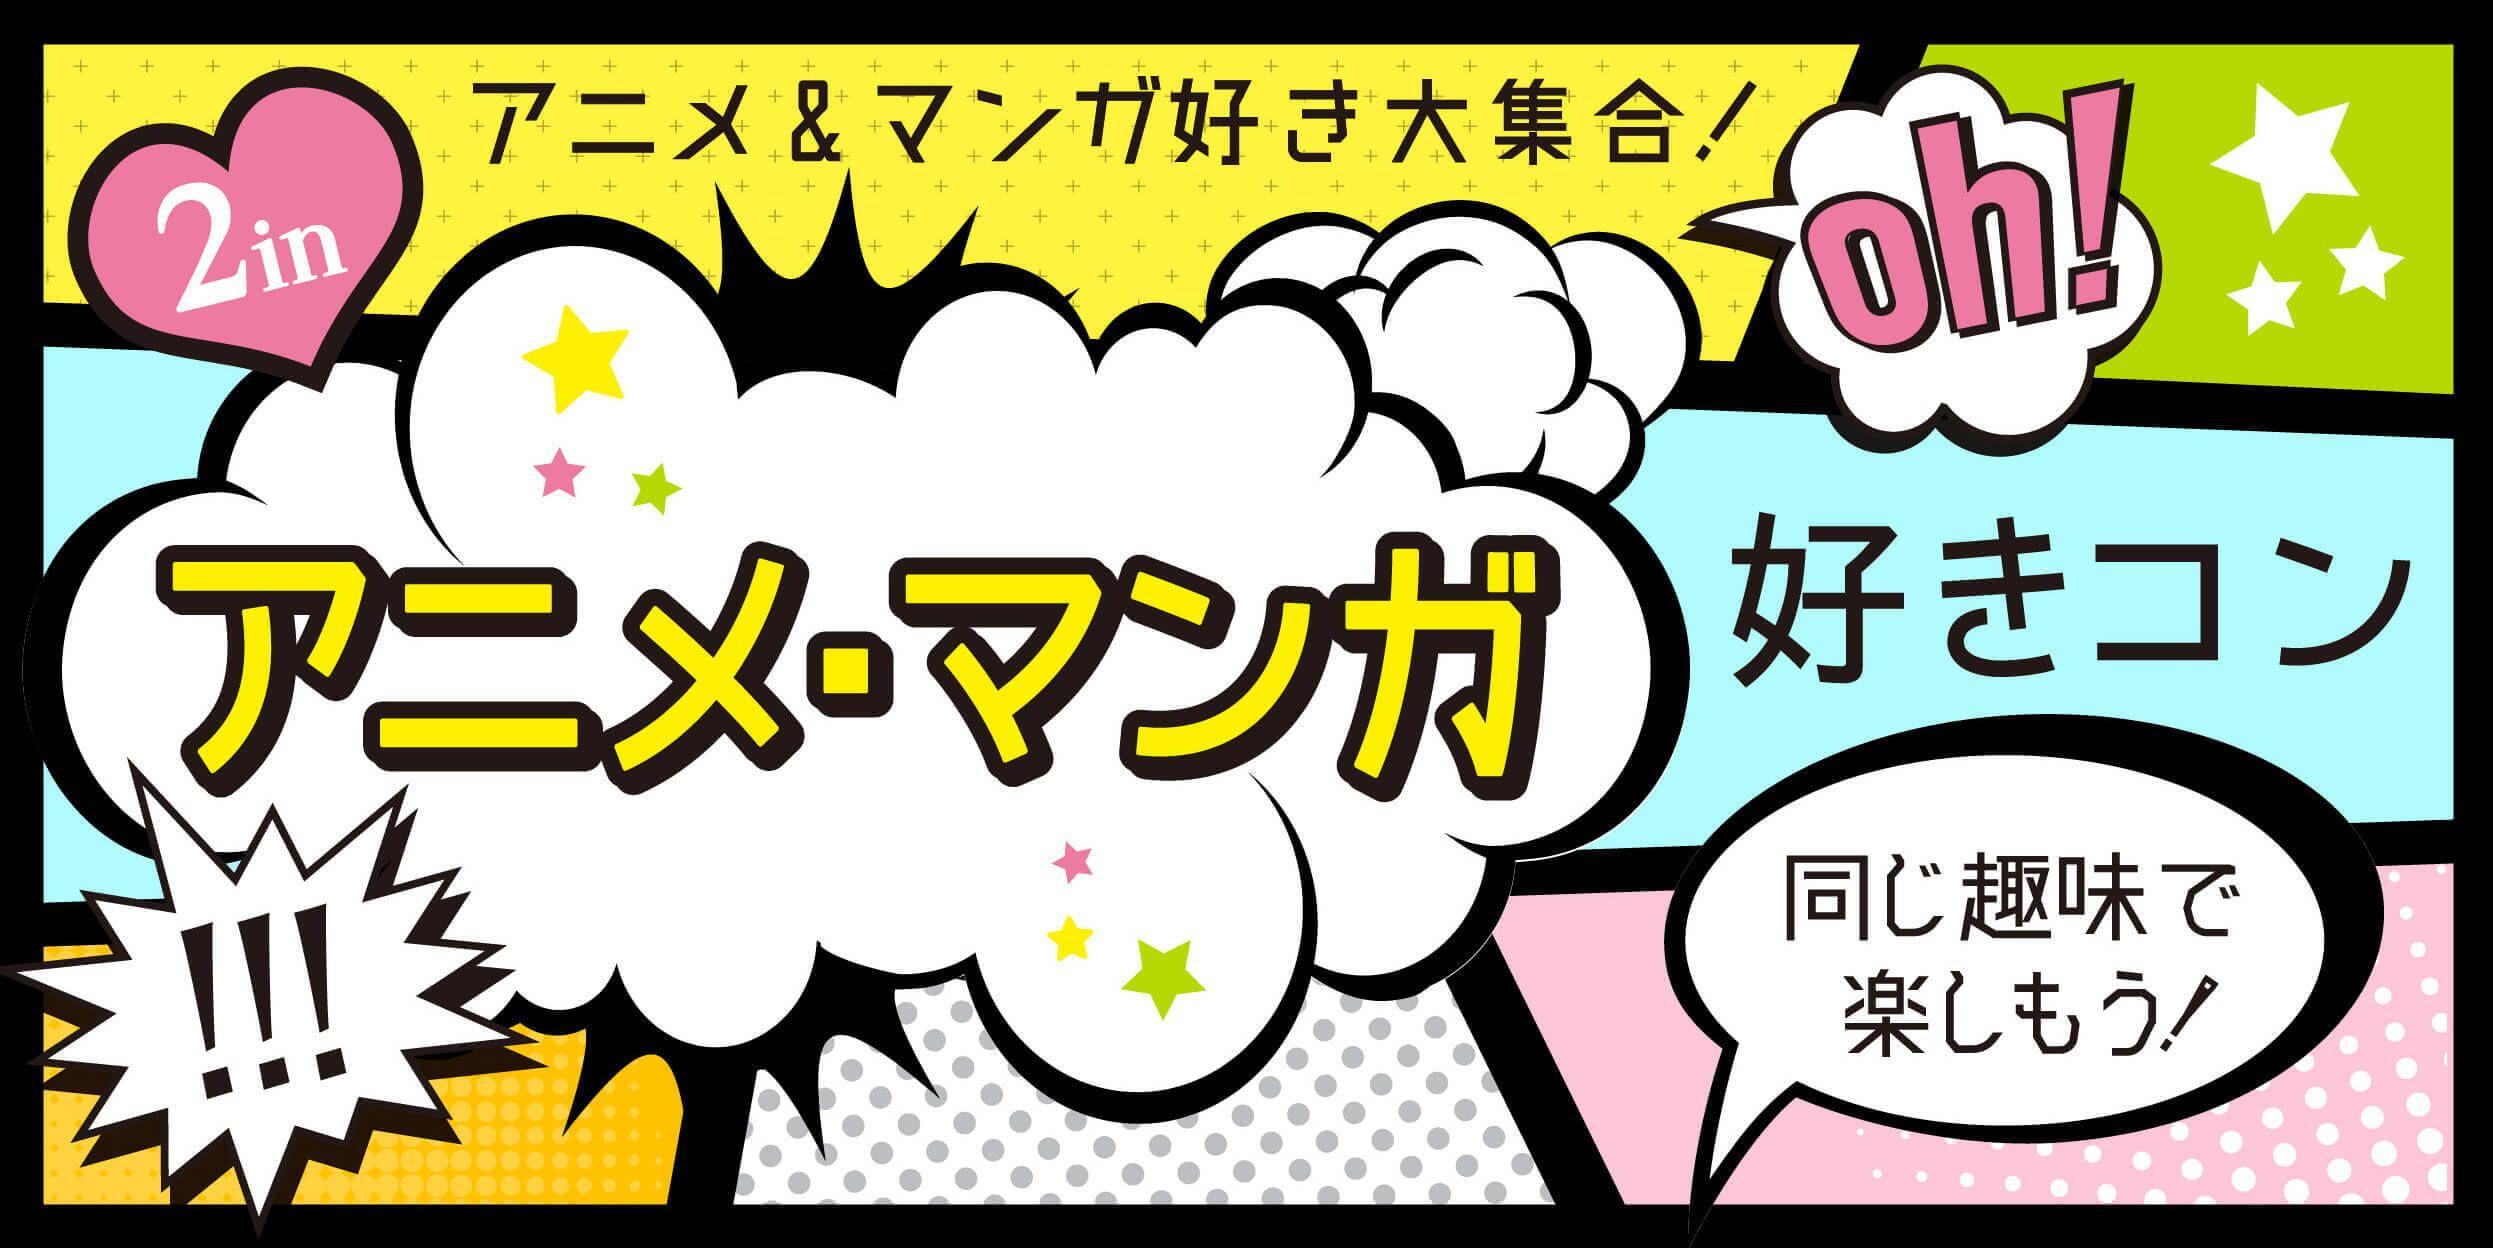 【高松のプチ街コン】合同会社ツイン主催 2017年5月27日